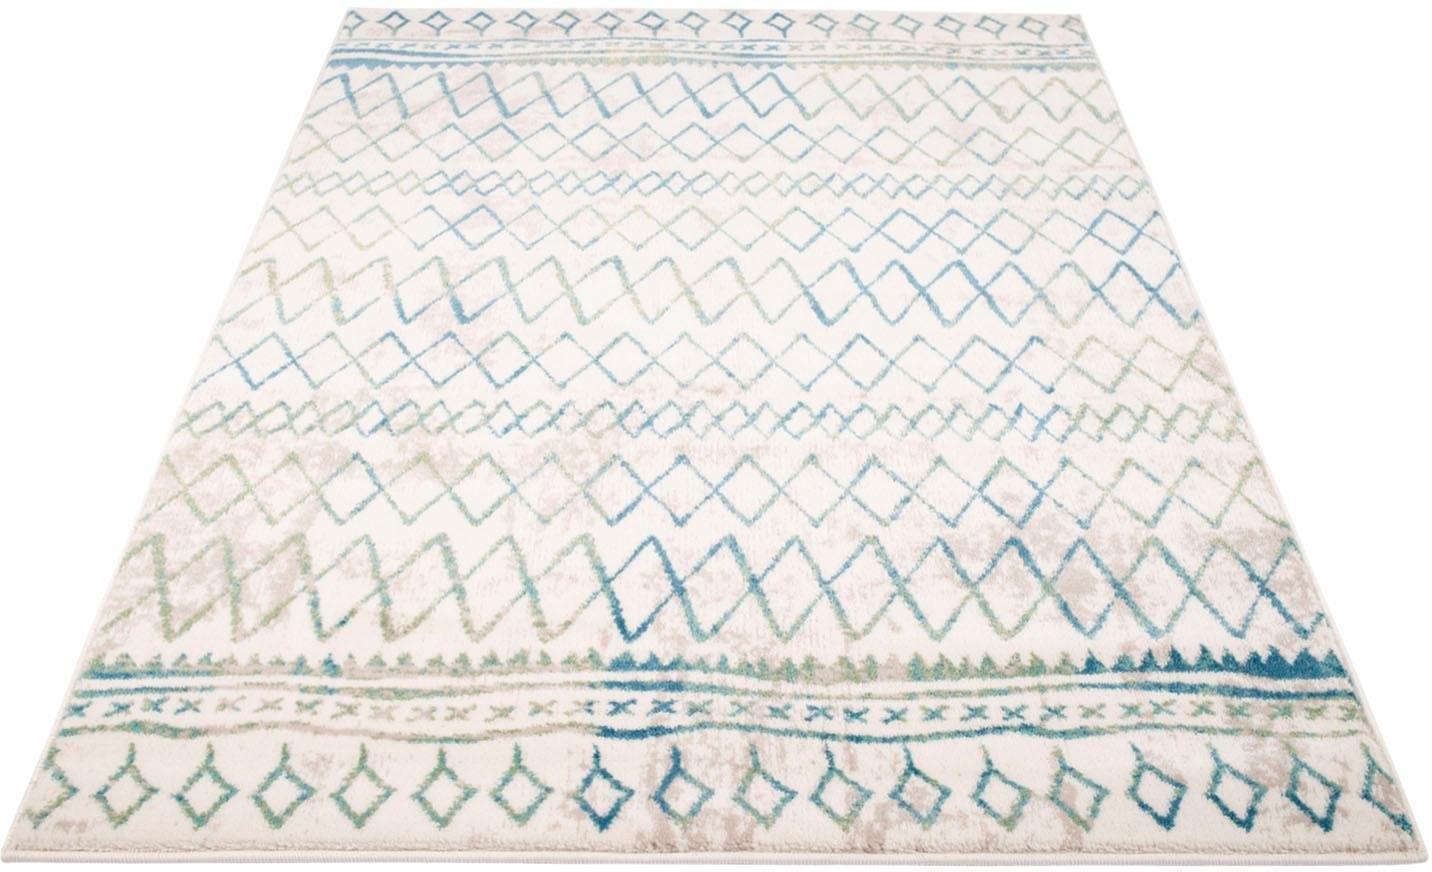 Carpet City vloerkleed Inspiration 7547 Woonkamer online kopen op otto.nl